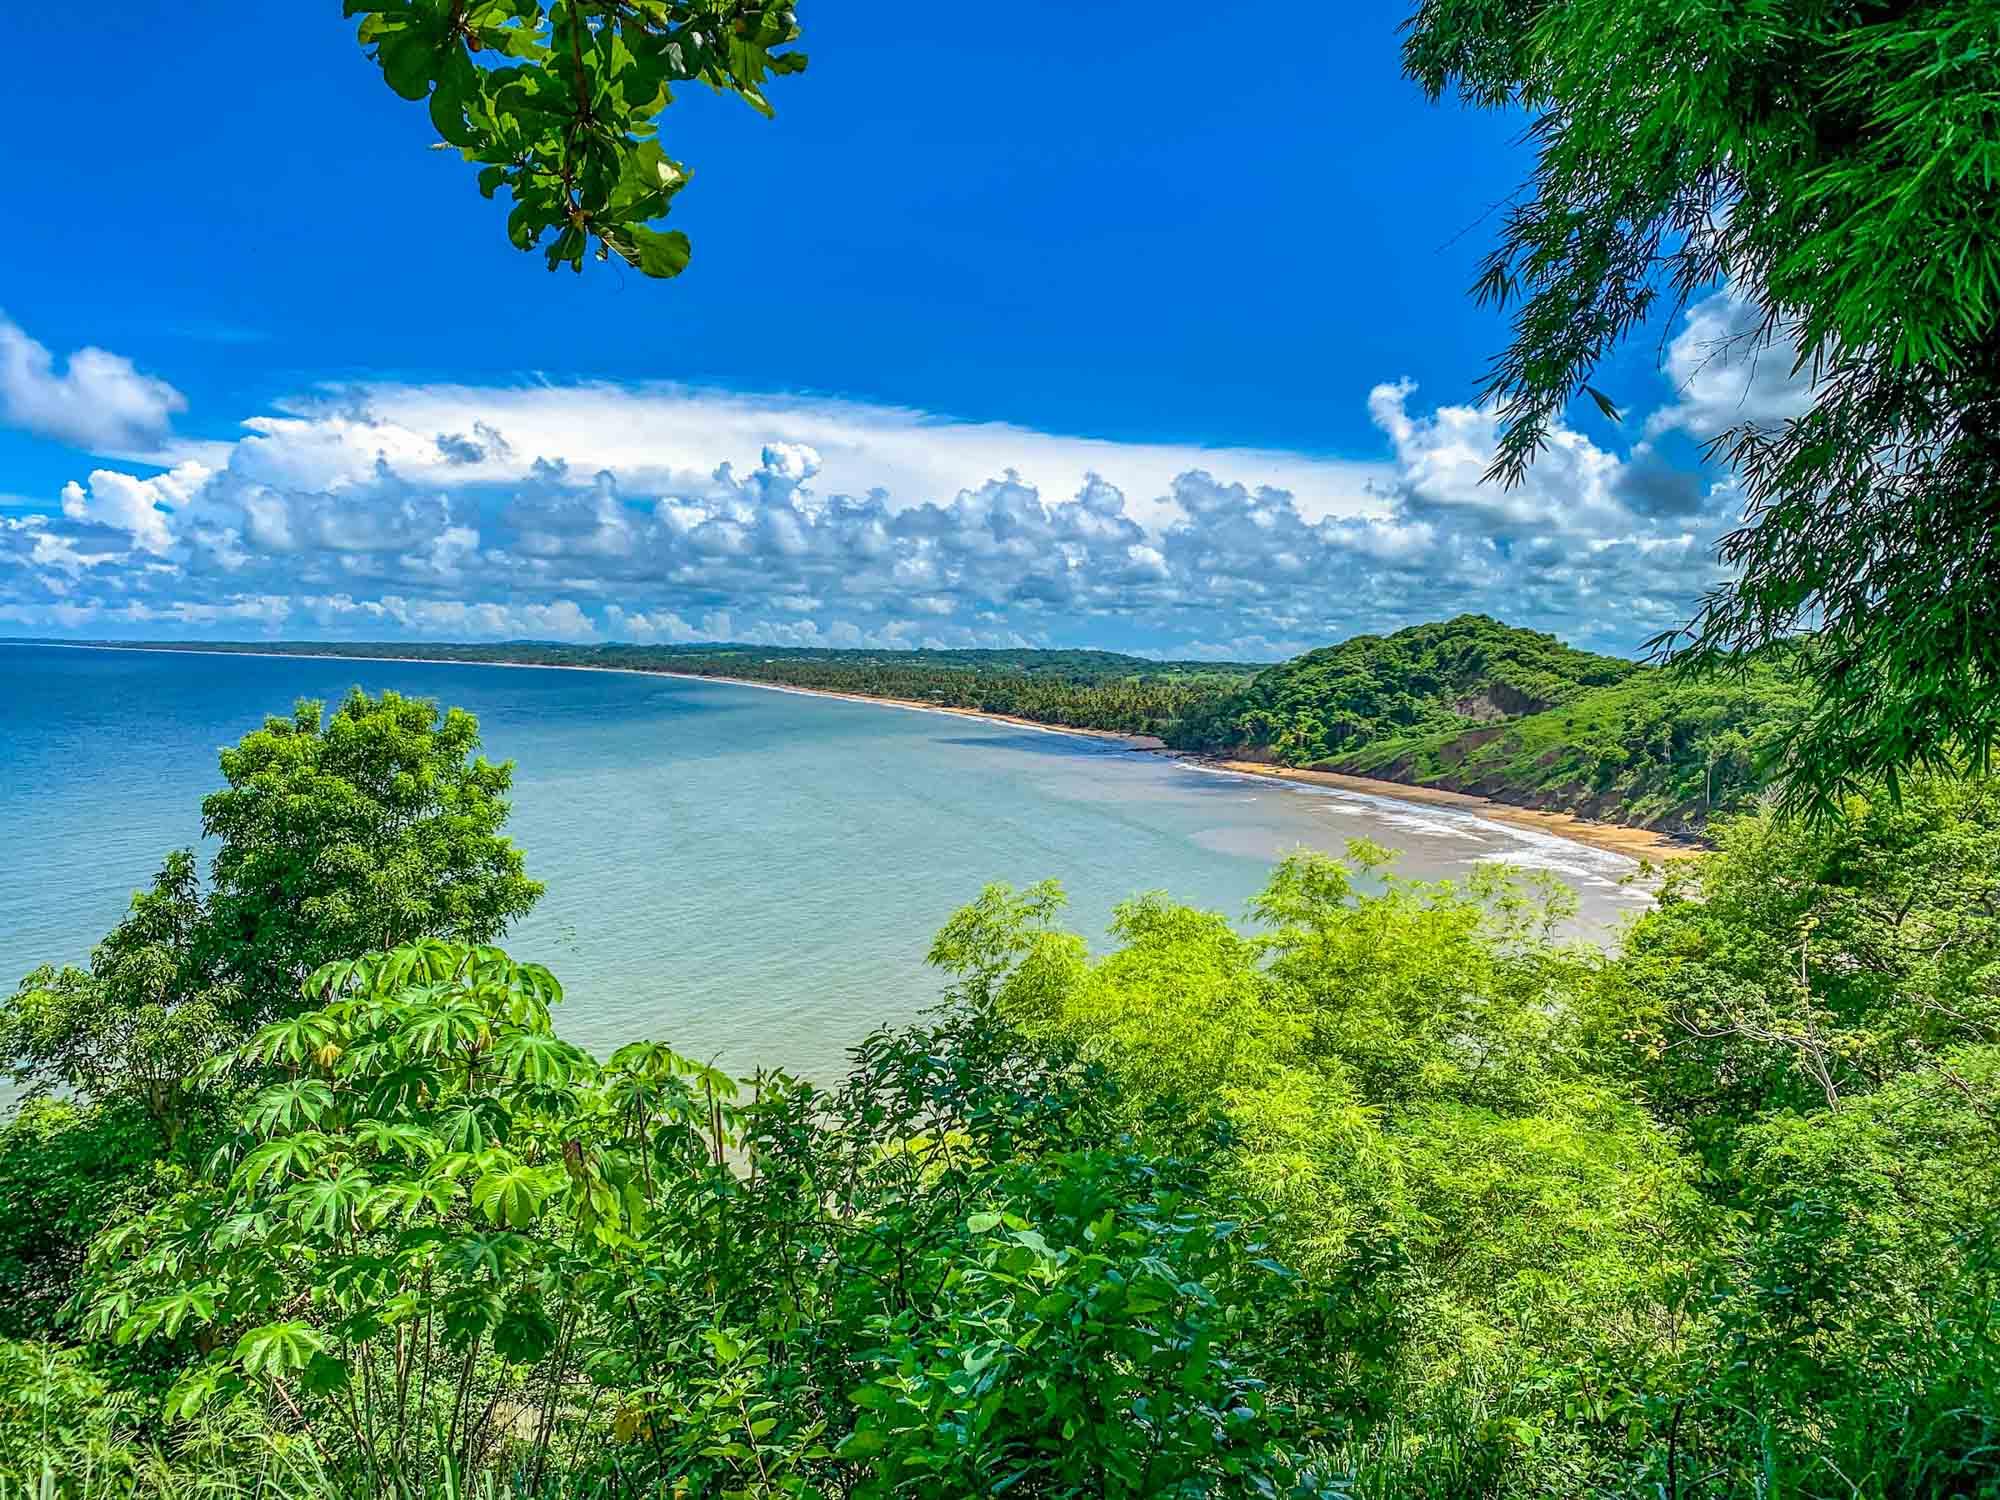 Trinidad-Tobago